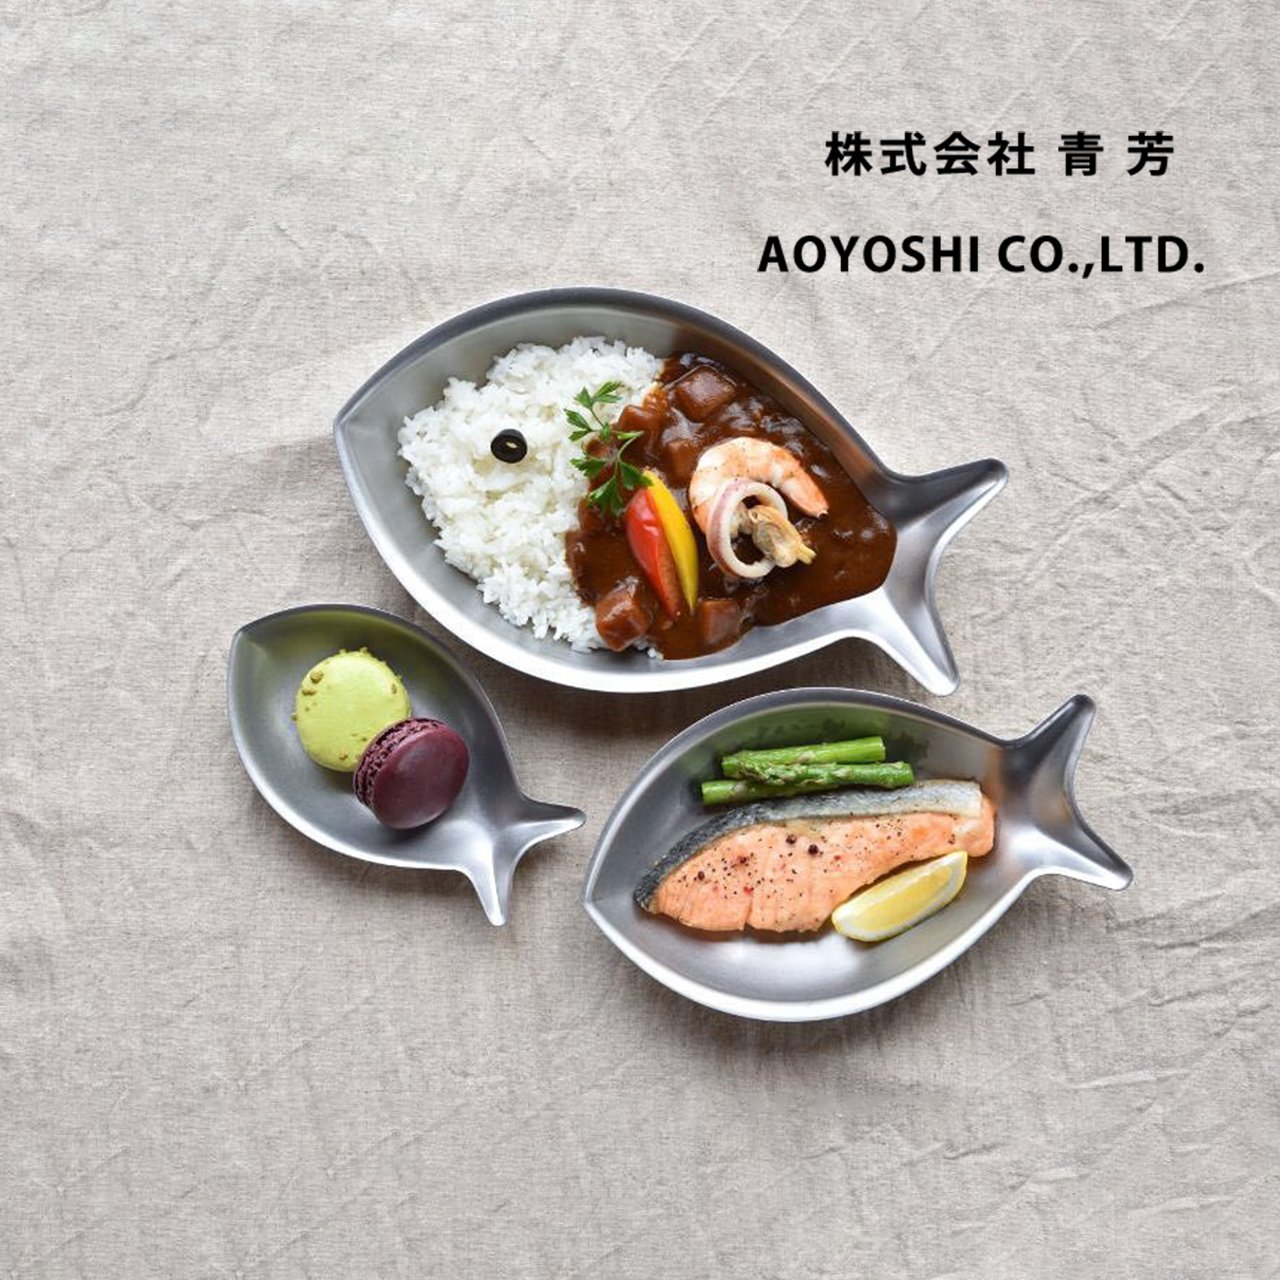 AOYOSHI 青芳製作所,日本品牌,日本選物,生活選物,生活雜貨,生活小物,生活品牌